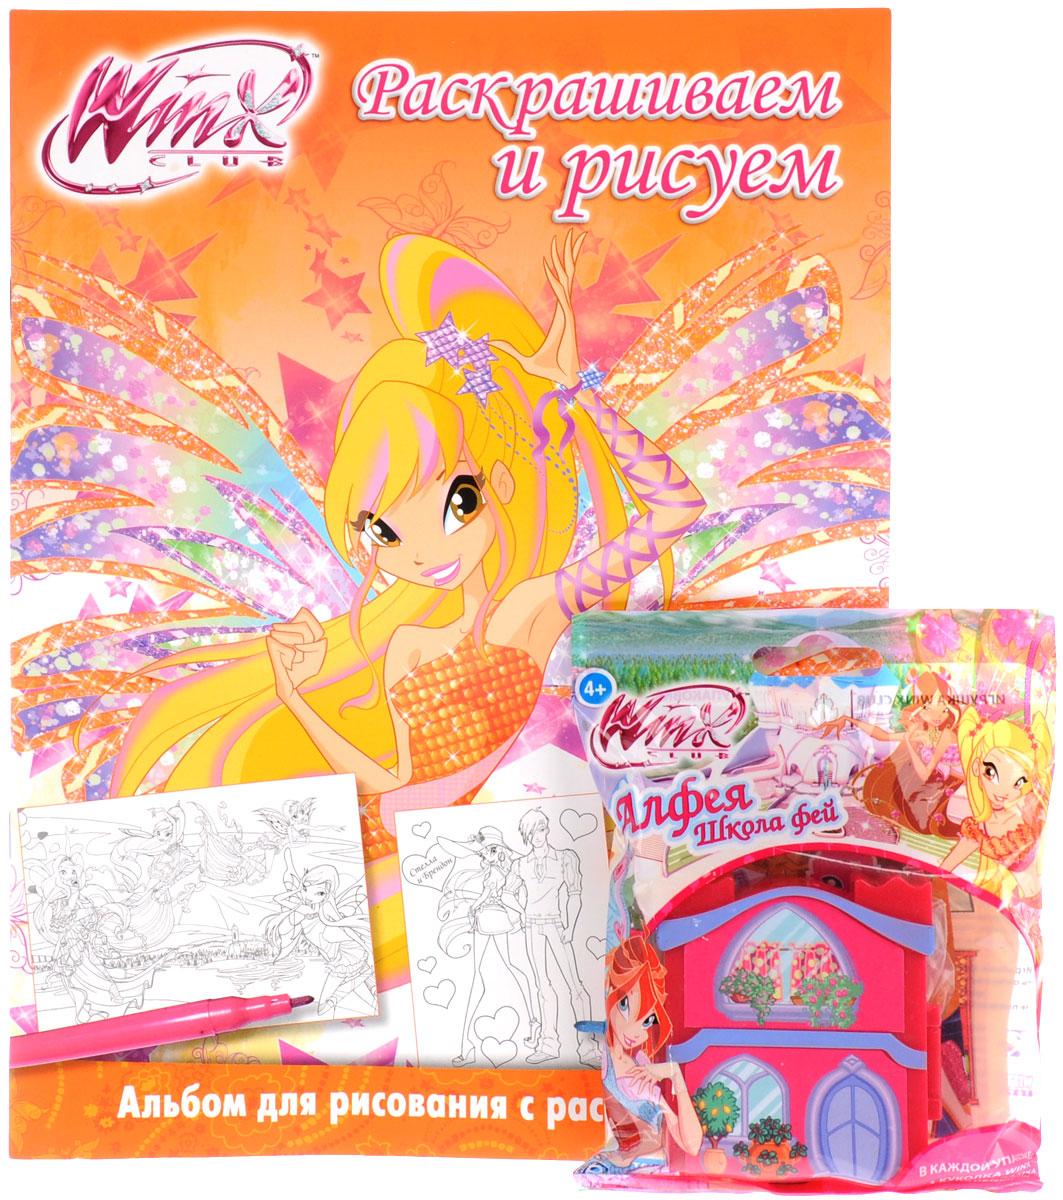 Winx Club. Раскрашиваем и рисуем. Альбом для рисования с раскрасками. Выпуск 5 (+ игрушка) ( 4680274006814 )